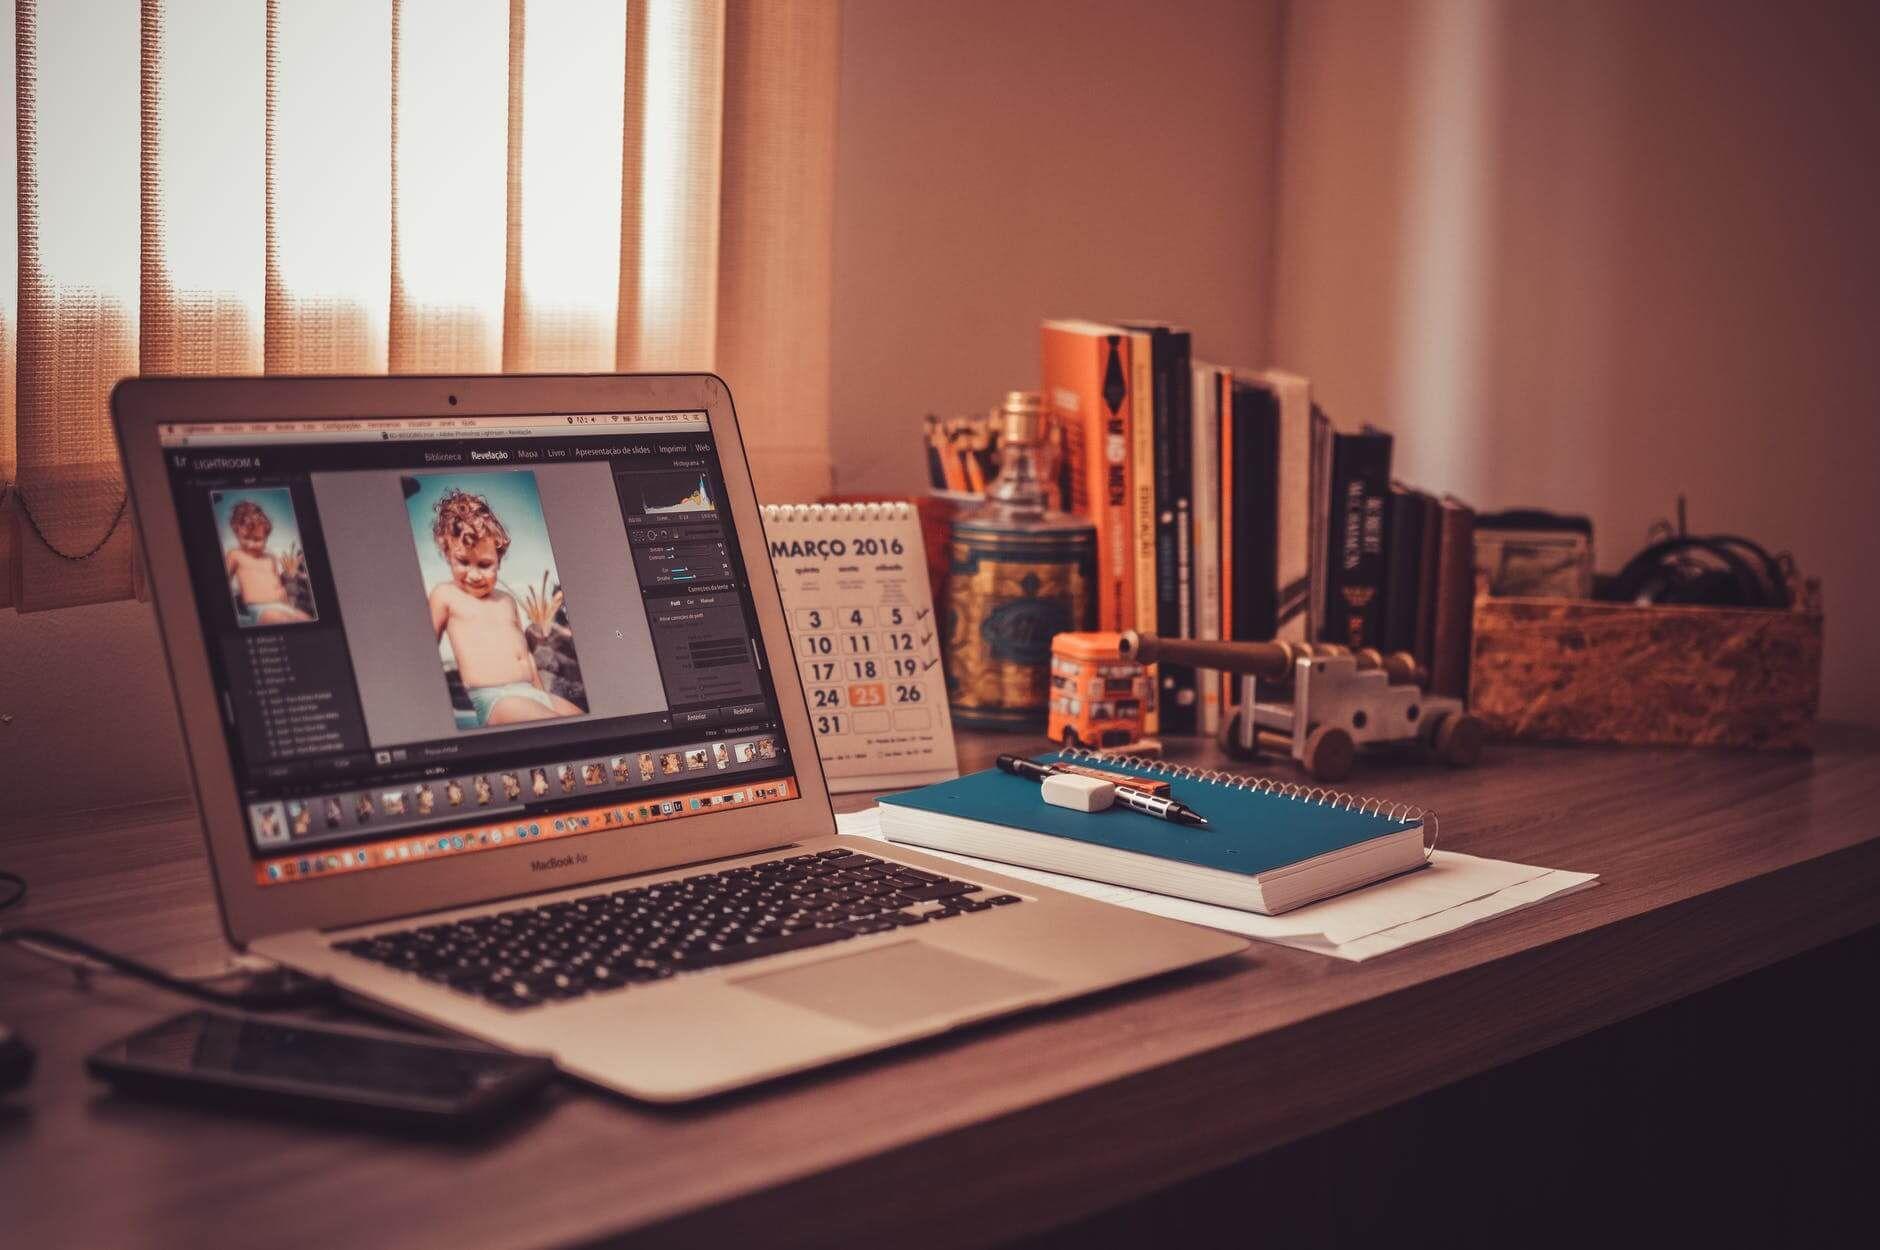 Aplikasi Edit Video Terbaik Untuk PC atau Laptop 2018